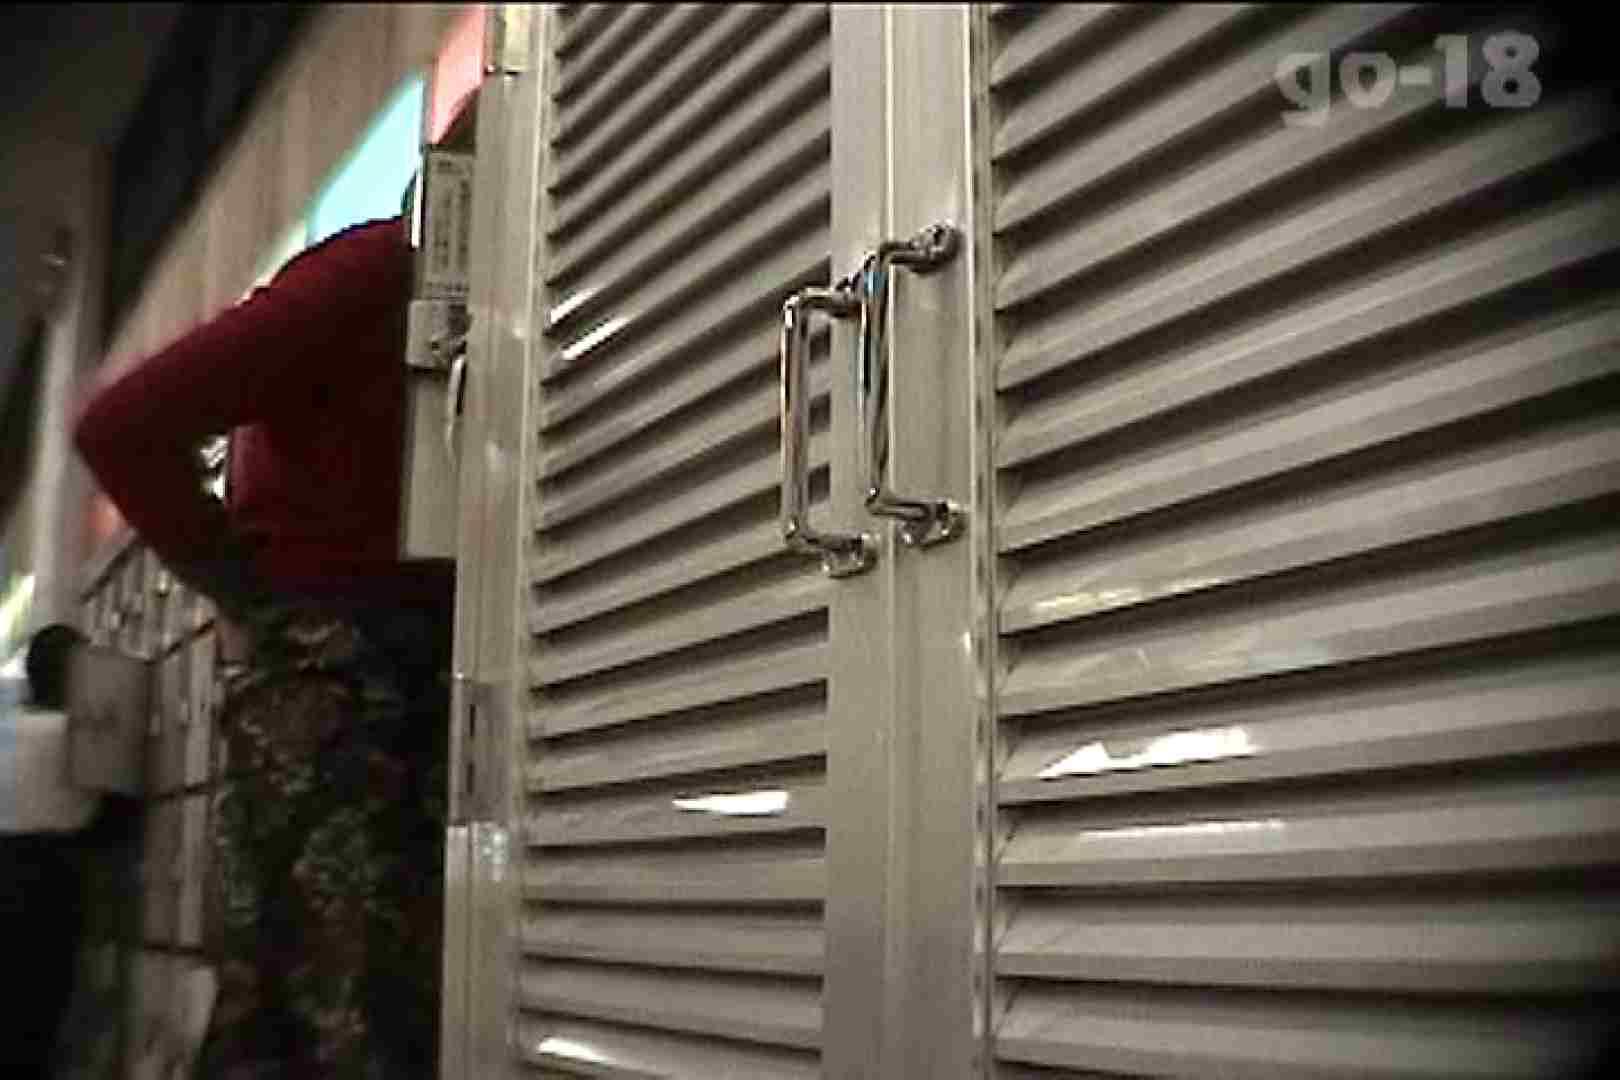 電波カメラ設置浴場からの防HAN映像 Vol.18 OLのボディ | 盗撮  102PIX 28